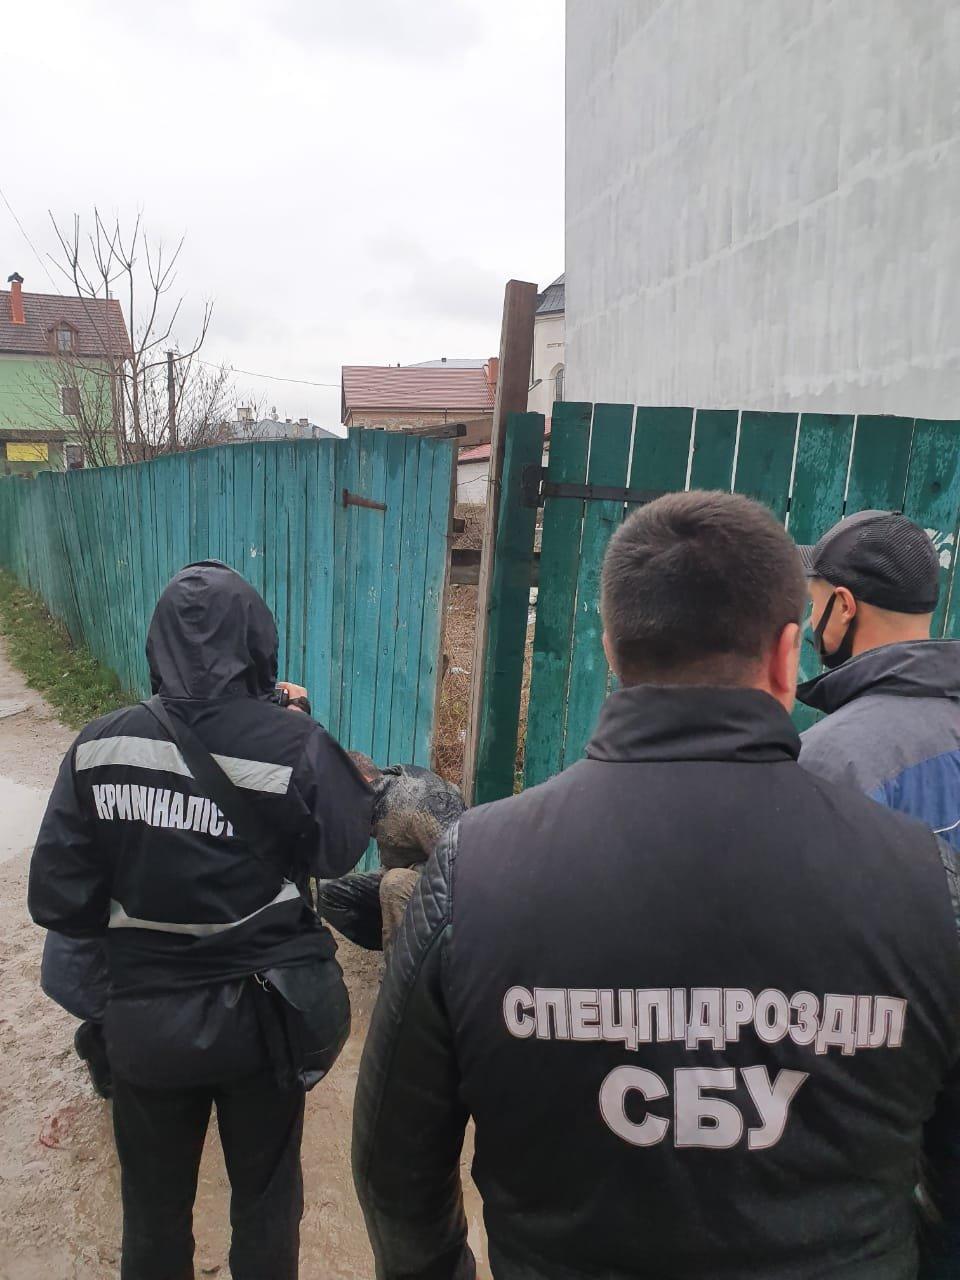 Затримання у Кам'янці-Подільському, Фото: Пресслужба УСБУ у Хмельницькій області